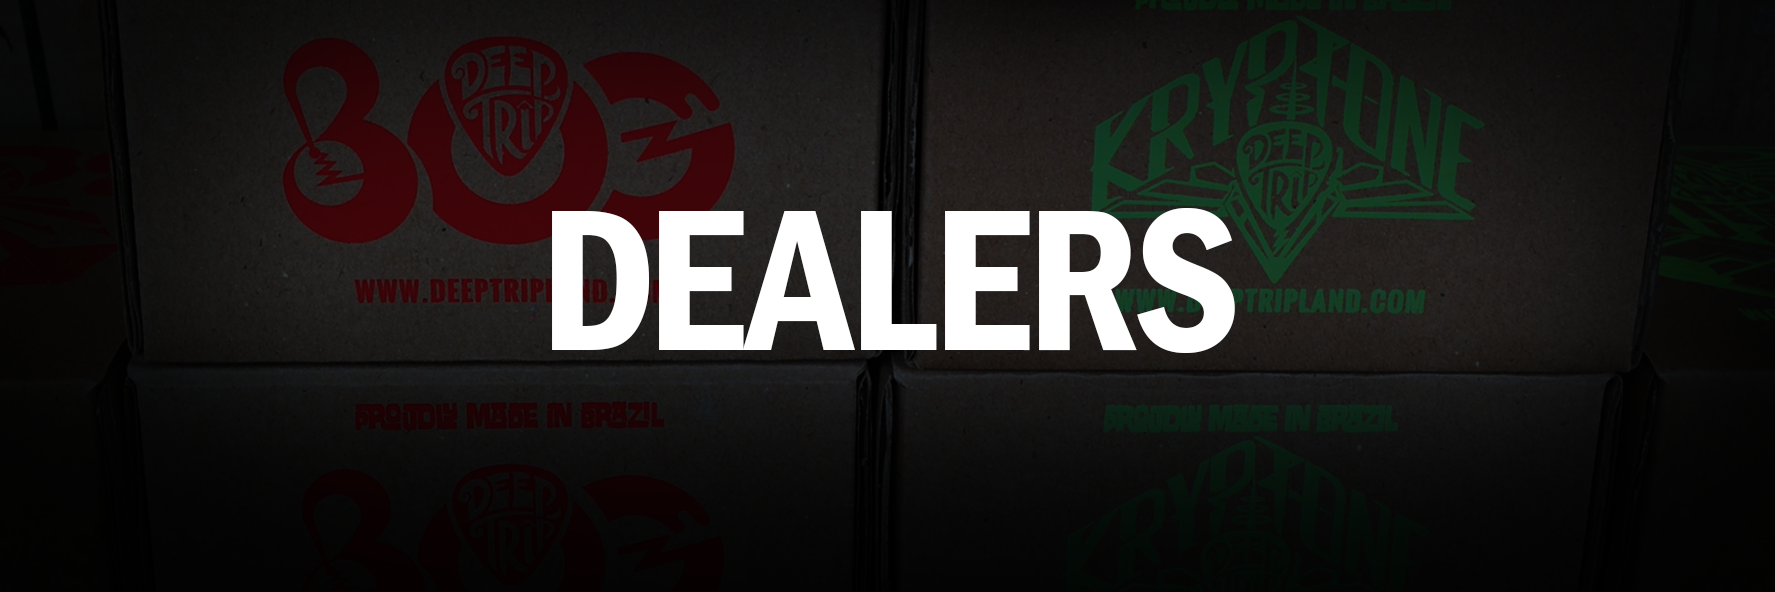 dealers_header_site.png